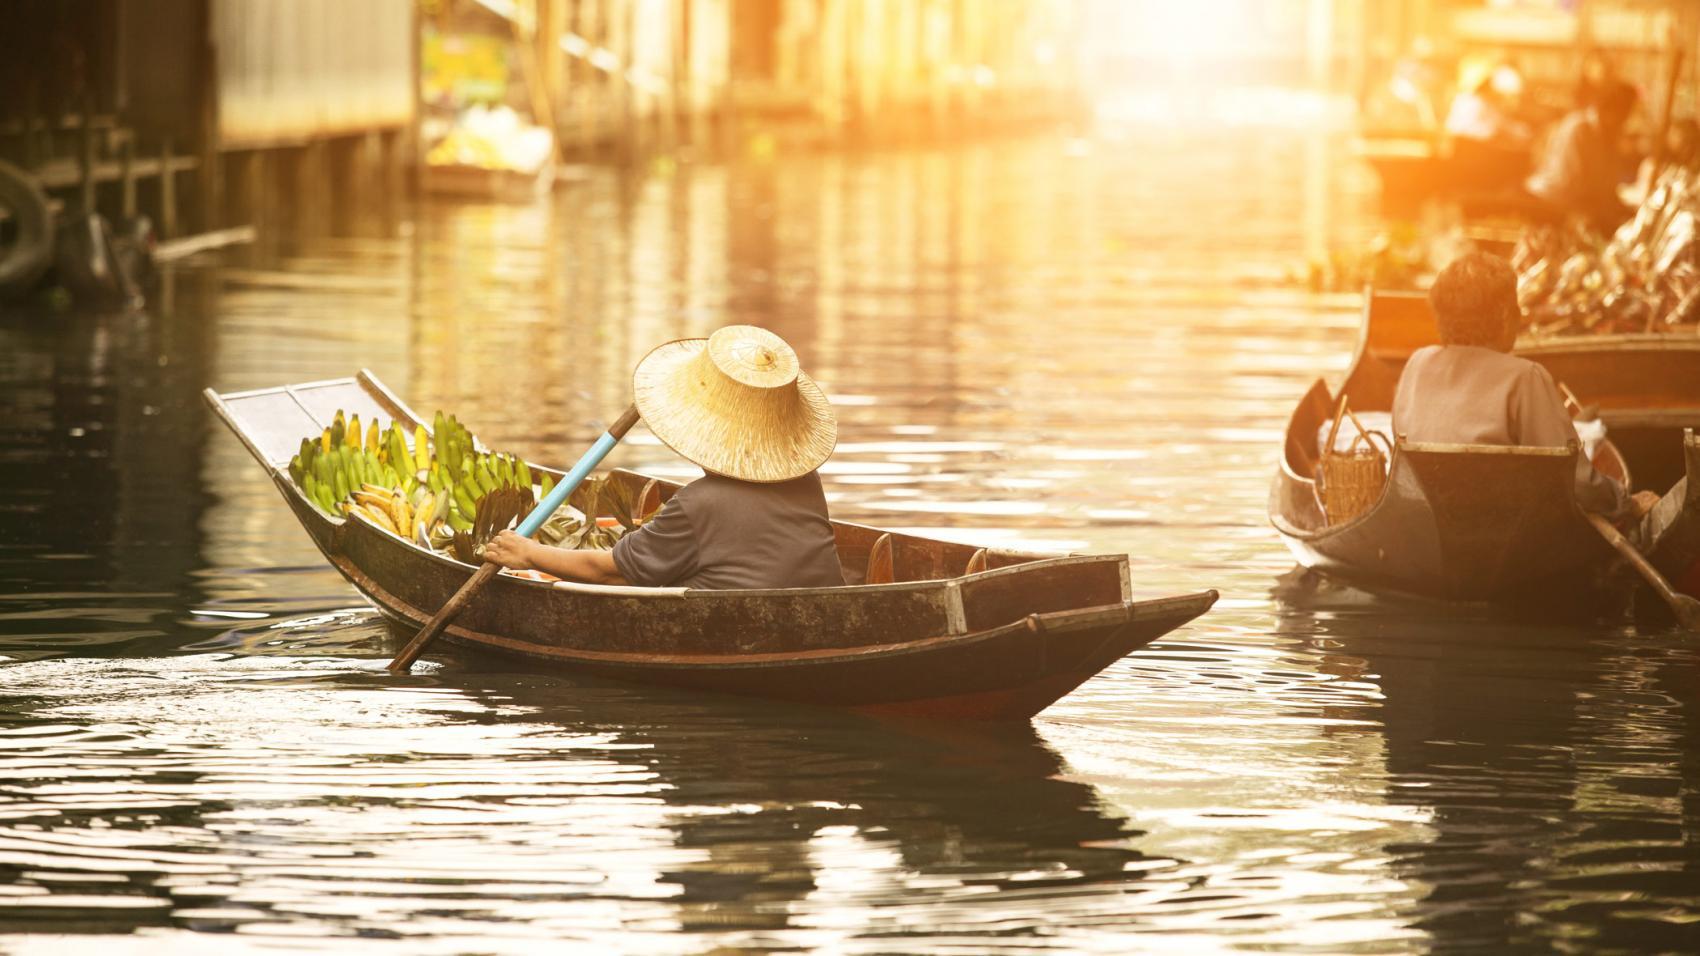 Les Membres organisent la reprise coordonnée du tourisme à l'échelle de toute la région Asie-Pacifique